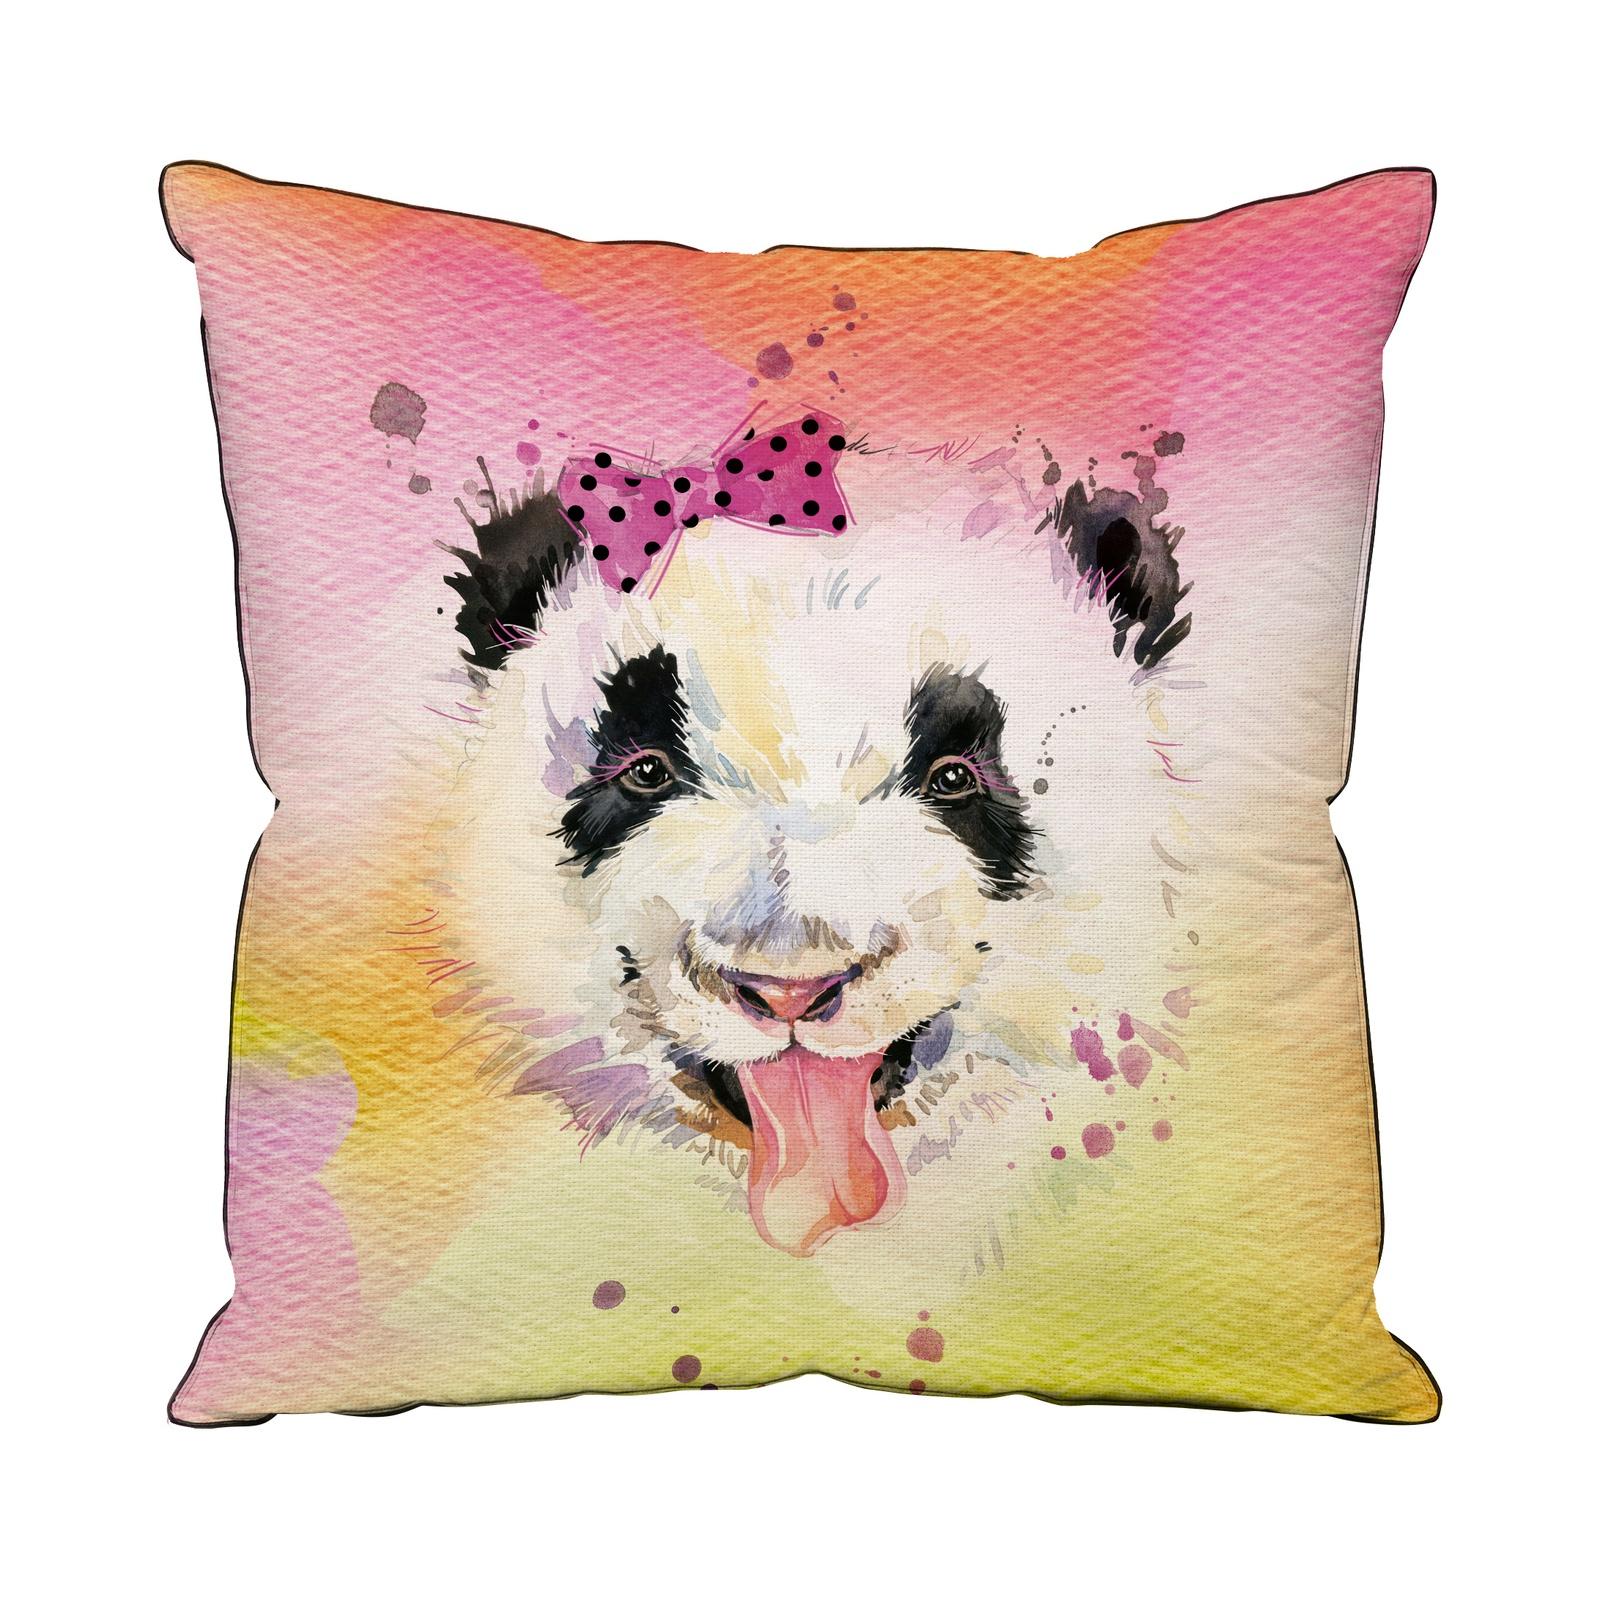 цена на Подушка декоративная ТК Традиция с фотопечатью Панда 40х40 см, 4052/Панда, розовый, желтый, черный